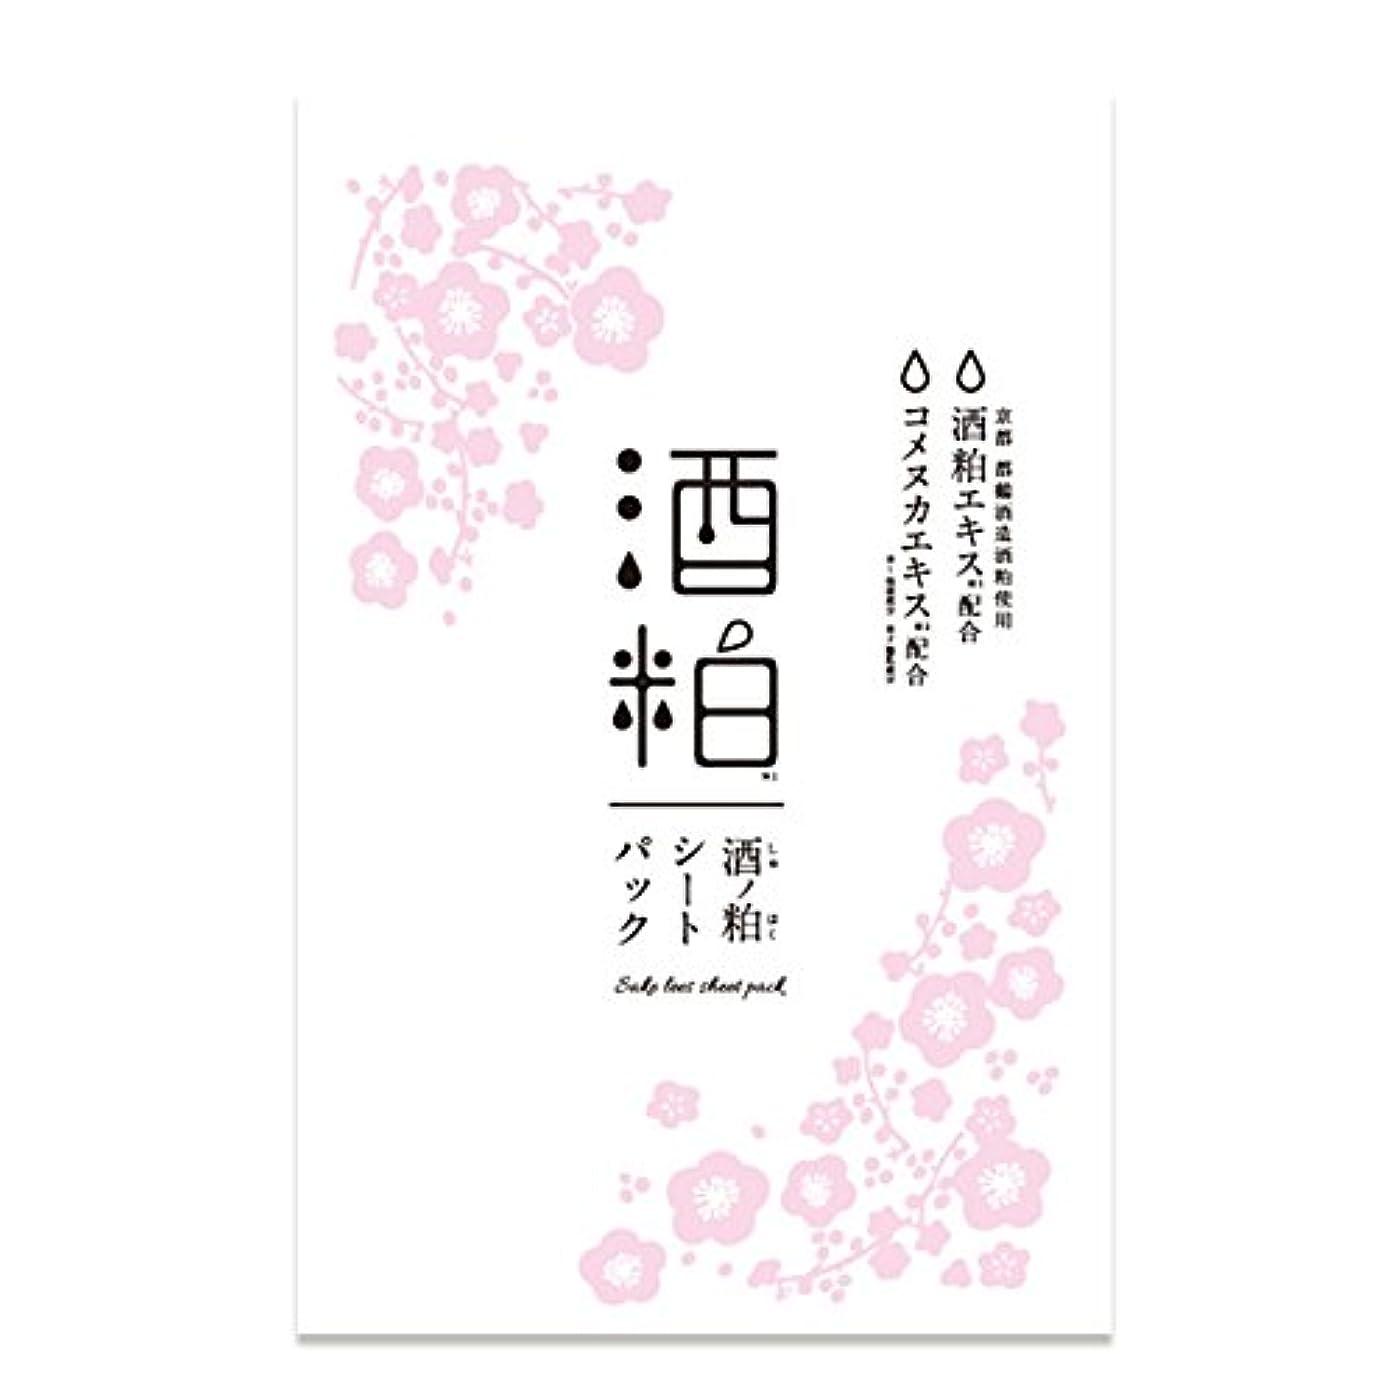 ちょうつがい無し解説酒粕シートパック(美白マスク)5枚セット 京都酒蔵の大吟醸酒粕のみ使用